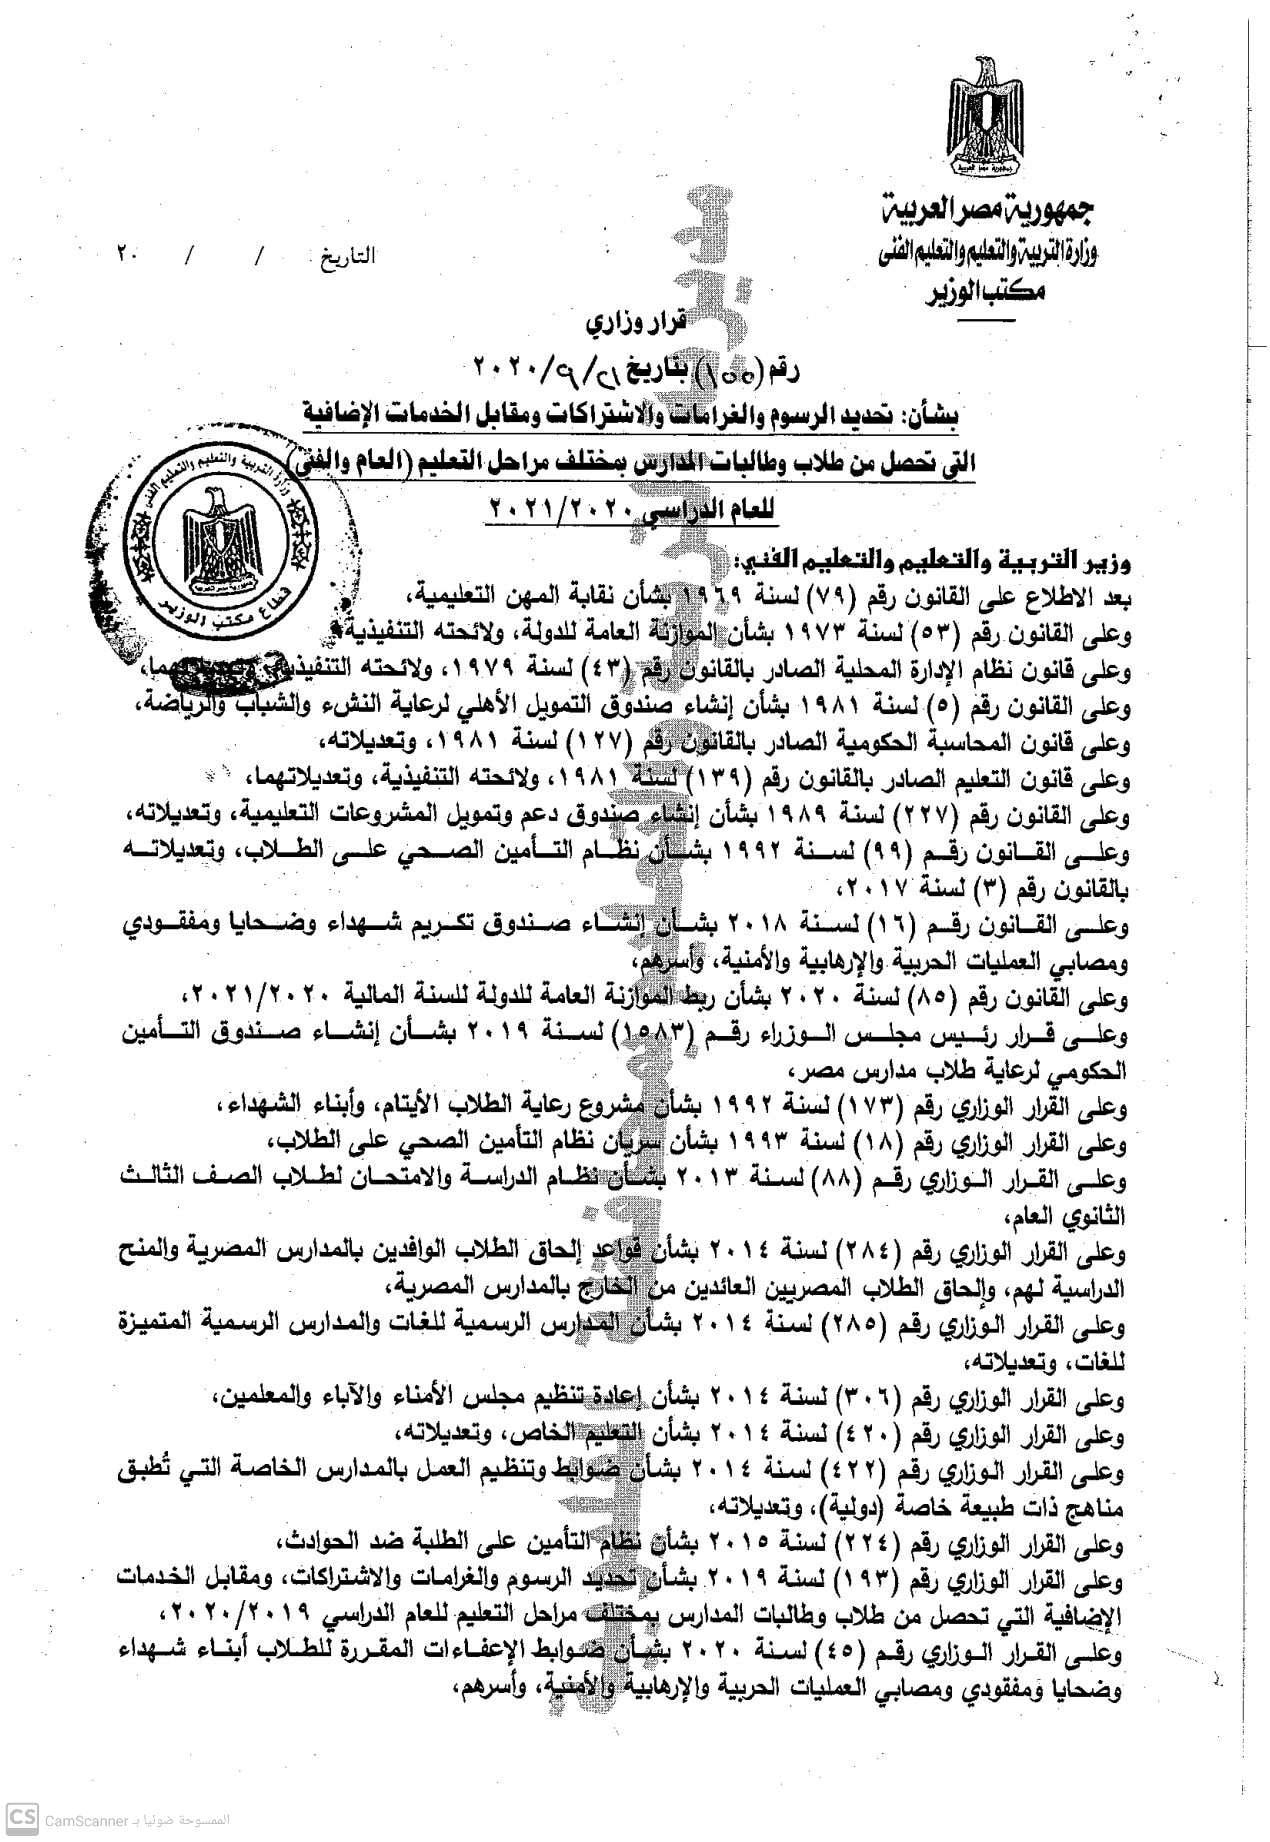 """رسميا.. المصروفات الدراسية للعام ٢٠٢١/٢٠٢٠.. من ٢٠٠ لـ ٥٠٠ جنية """"مستند"""" 1"""